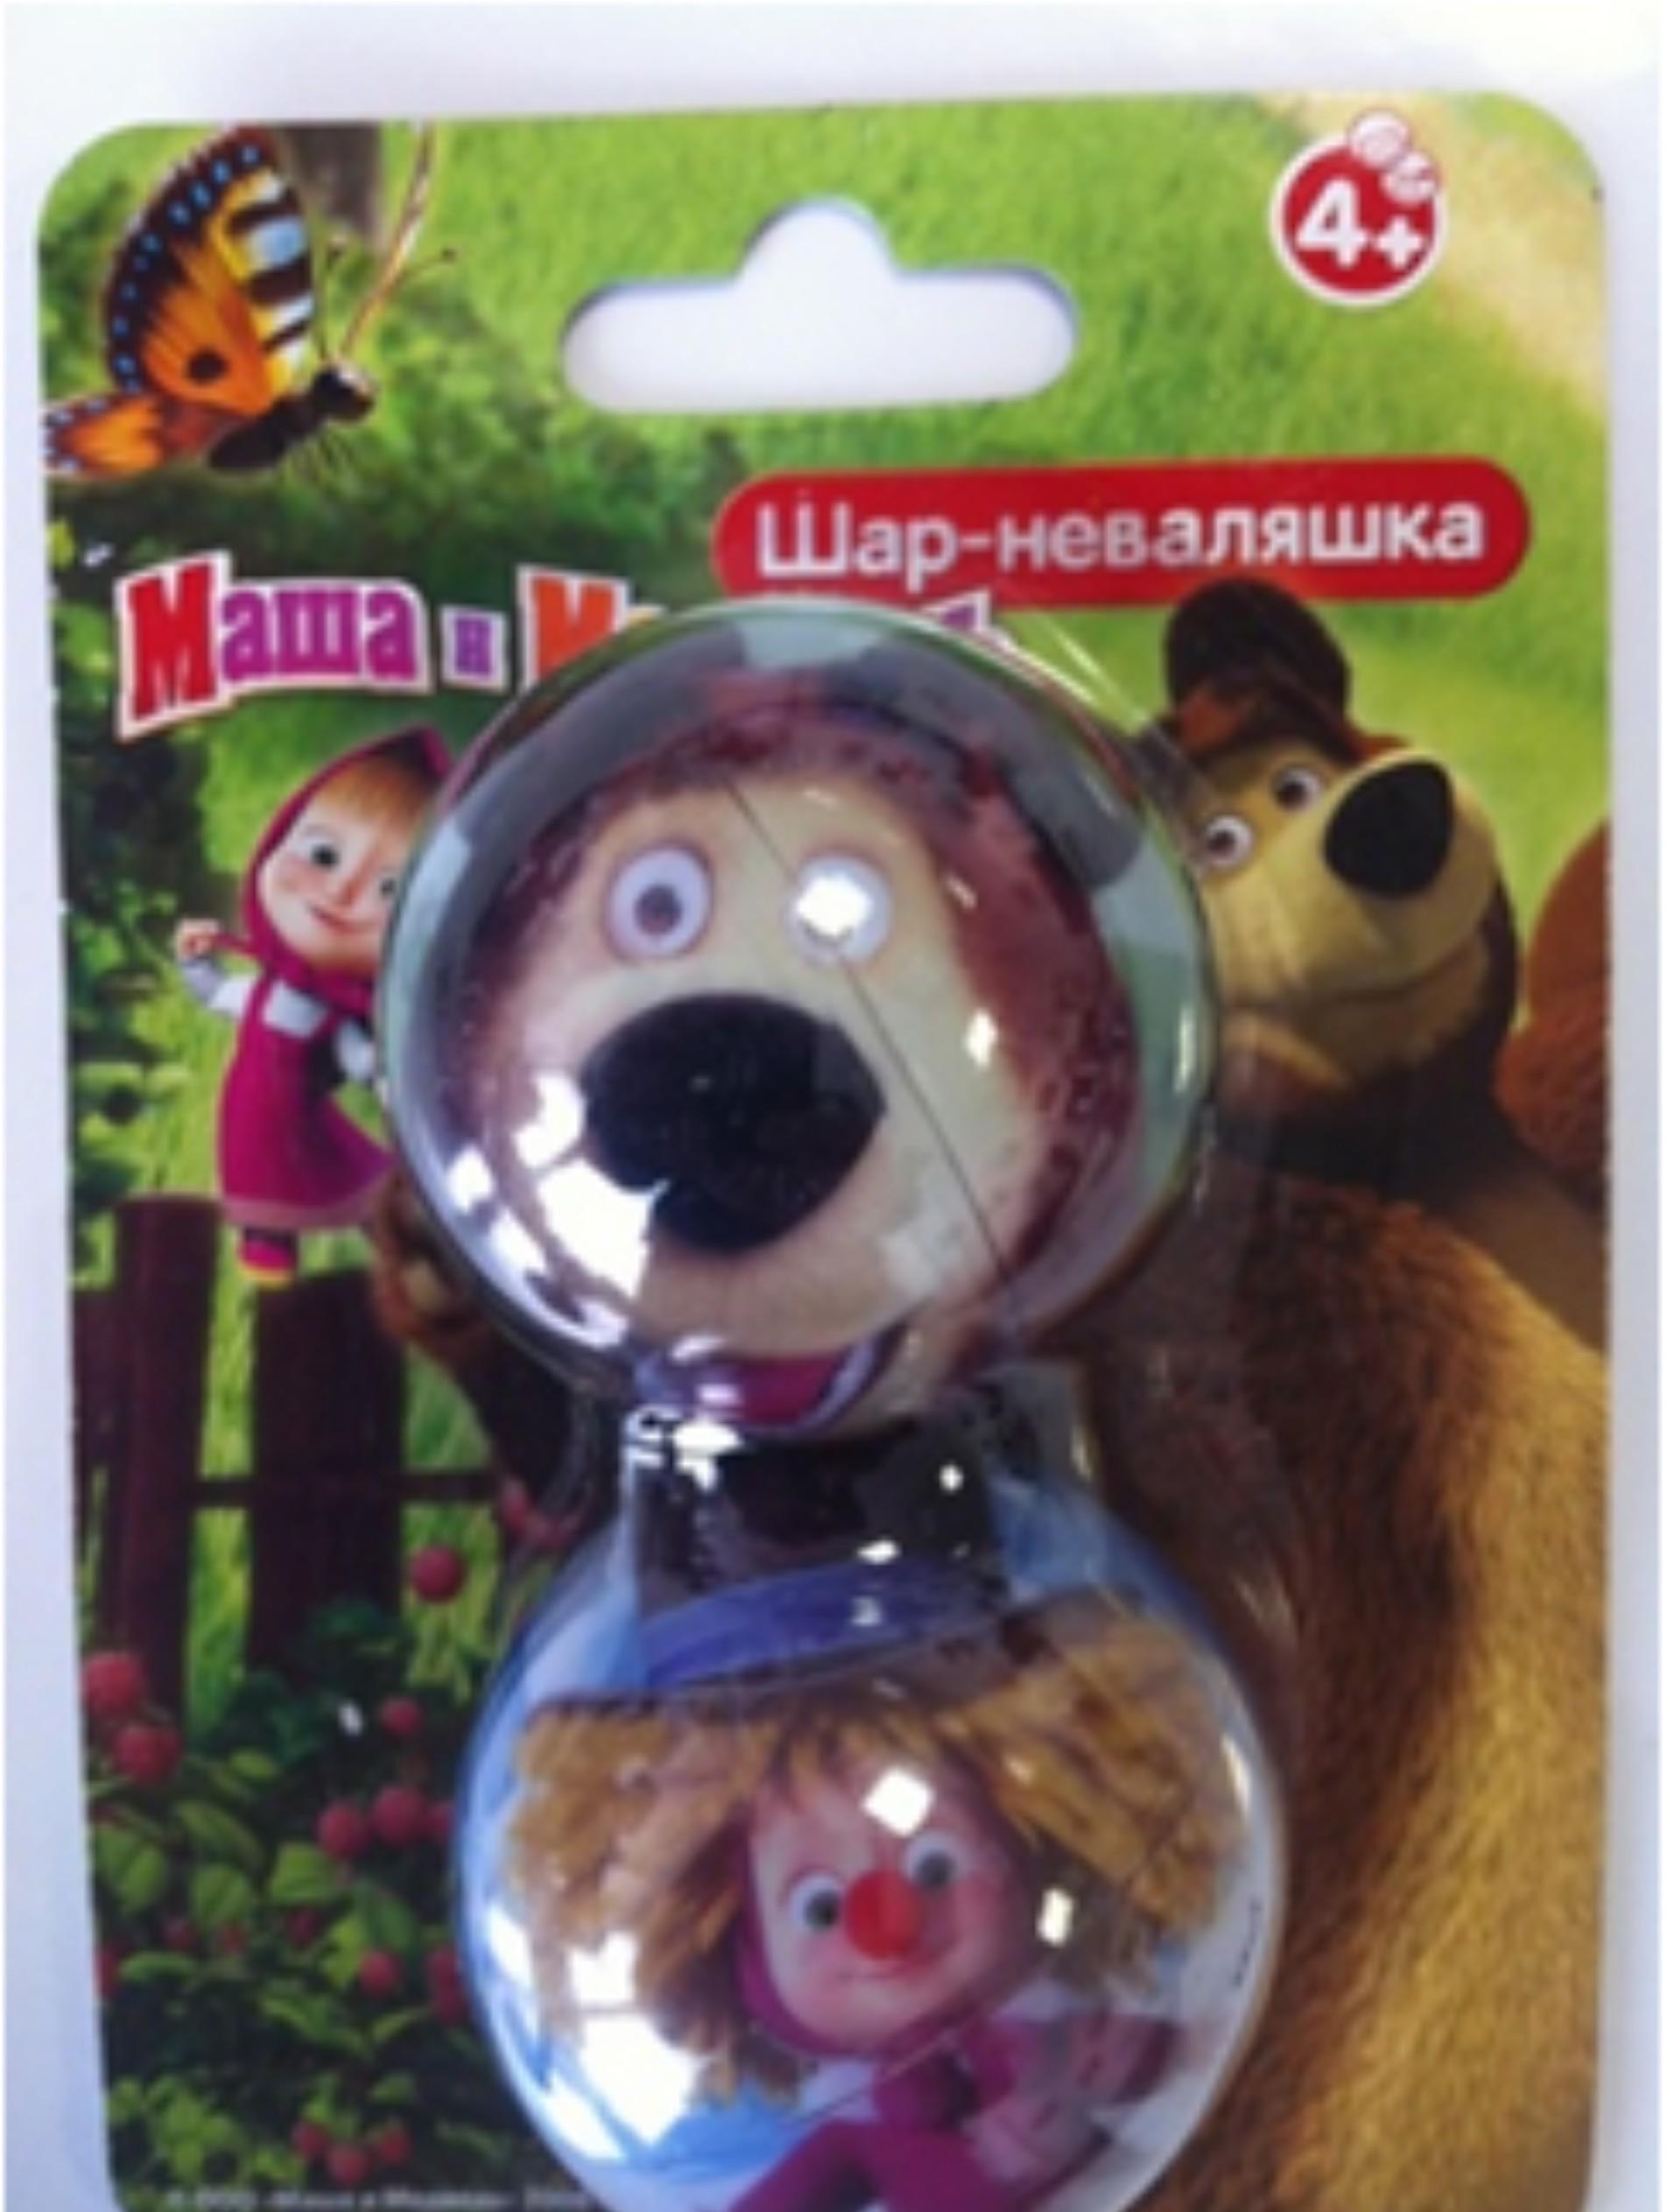 Мини товар. Маша и Медведь.Шар-неваляшка.Двойной  дисп8асс(1бол.кор=18малХ8шт)1100104